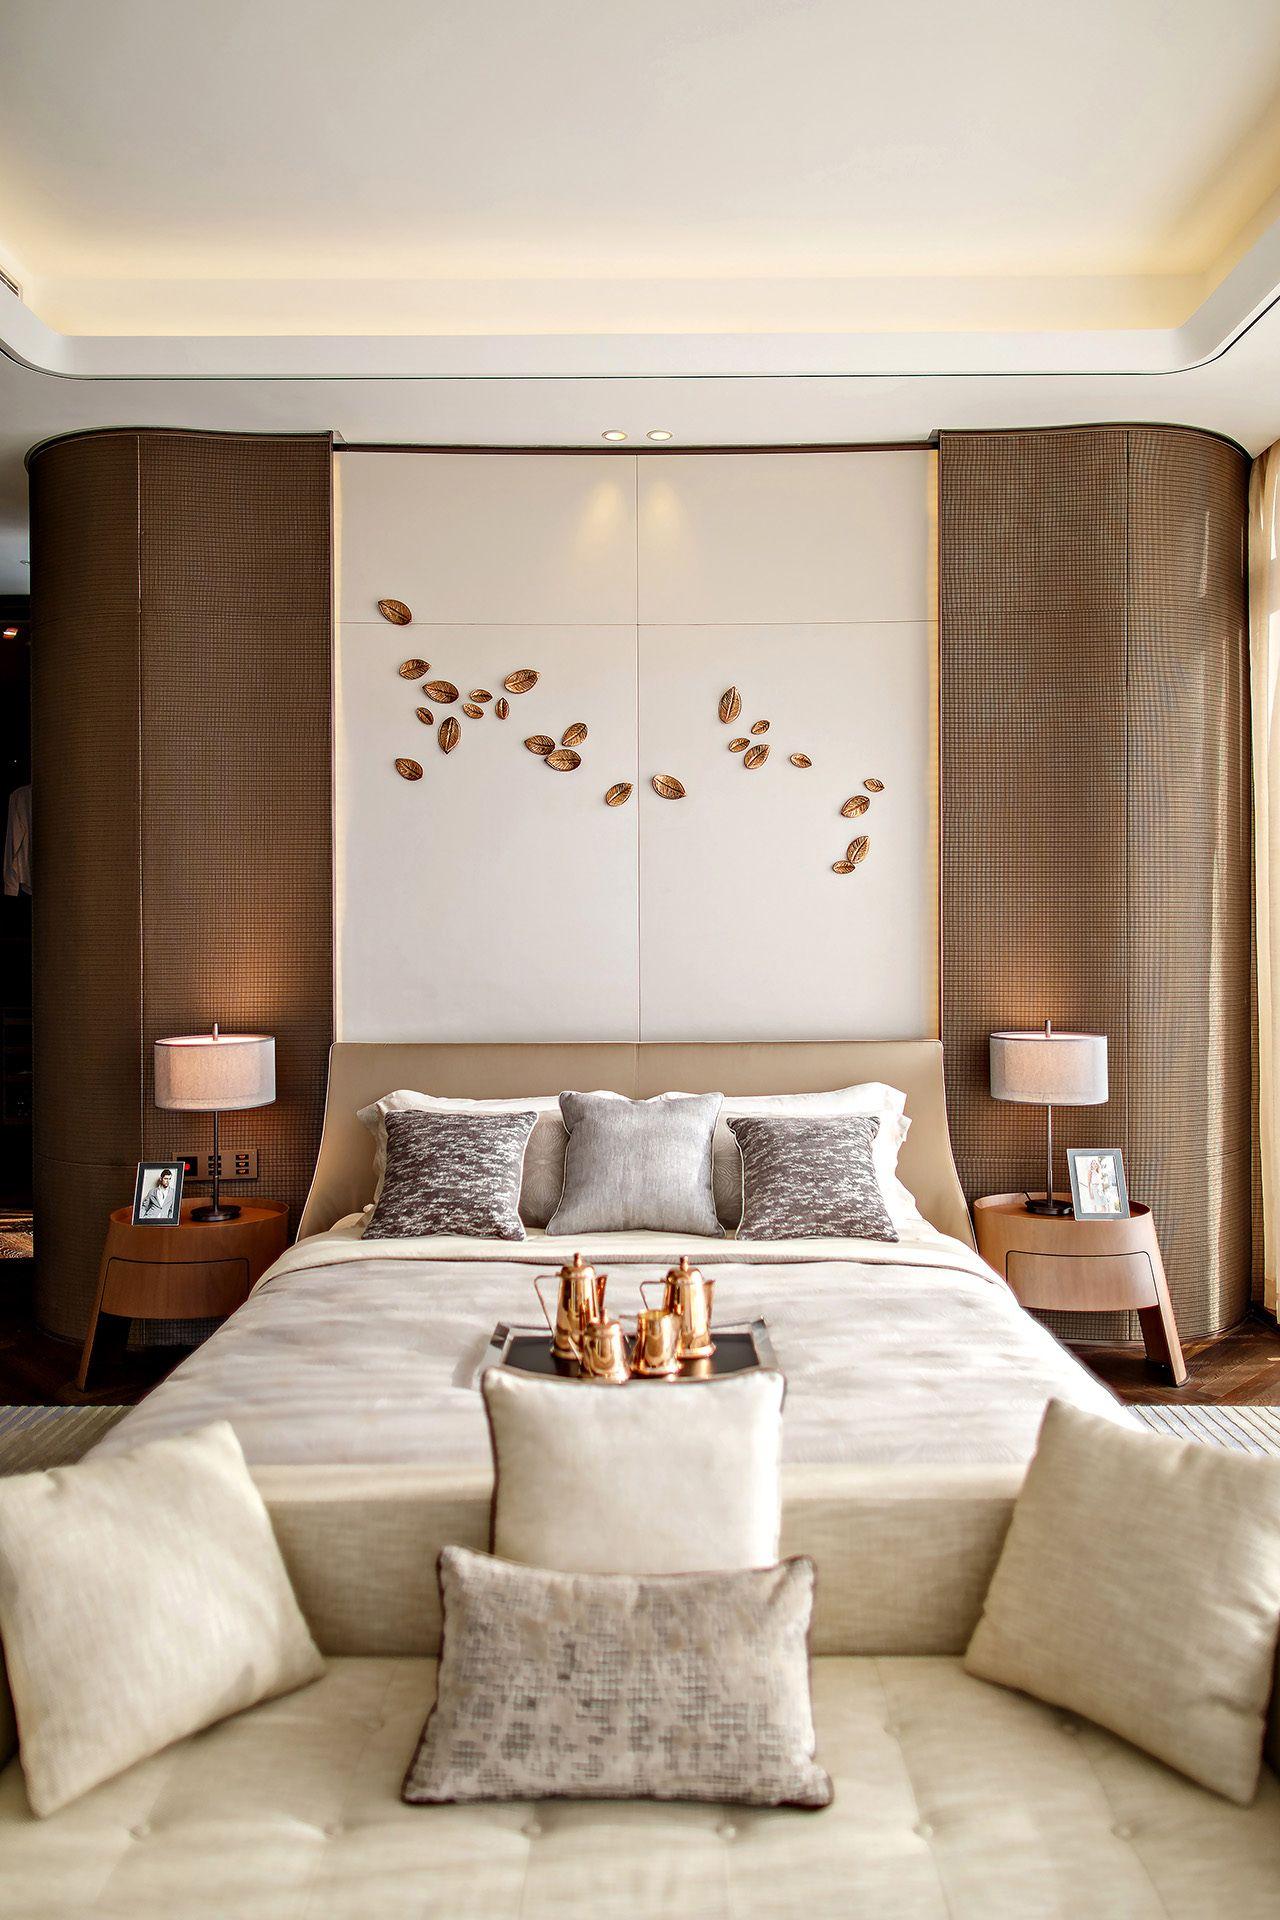 preciosas ideas de decoración habitación doble en beige, cama con cabecero super original y detalles en dorado, ideas de dormitorios de matrimonio modernos